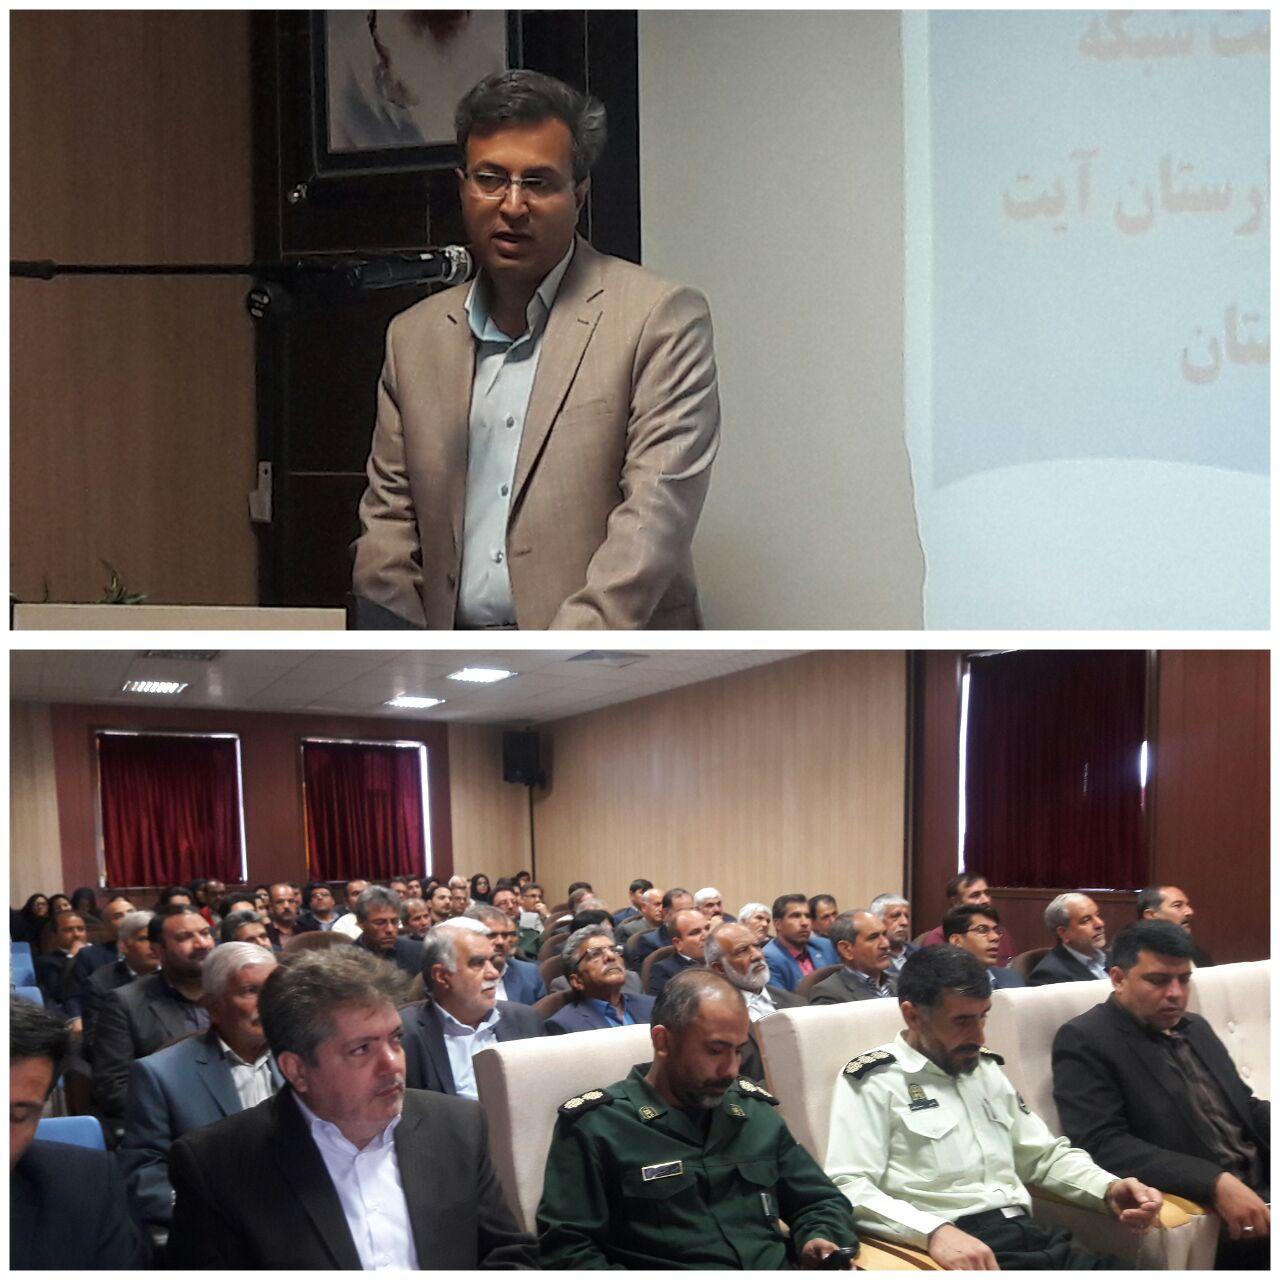 دکتر احمدی رئیس دانشگاه علوم پزشکی گناباد